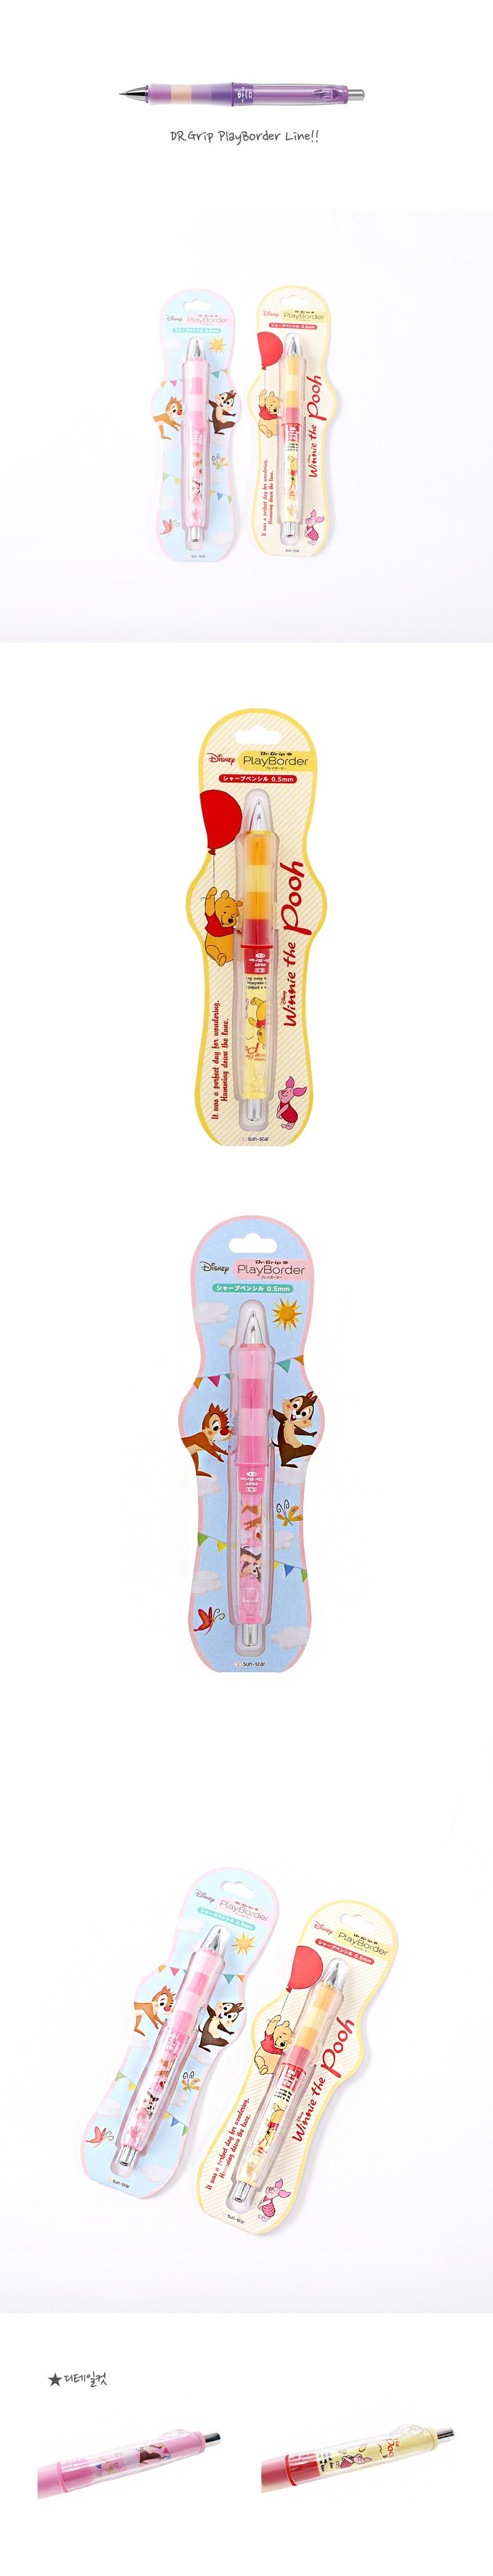 디즈니 플레이보더샤프 0.5mm - 제이펜즈, 15,900원, 샤프, 샤프